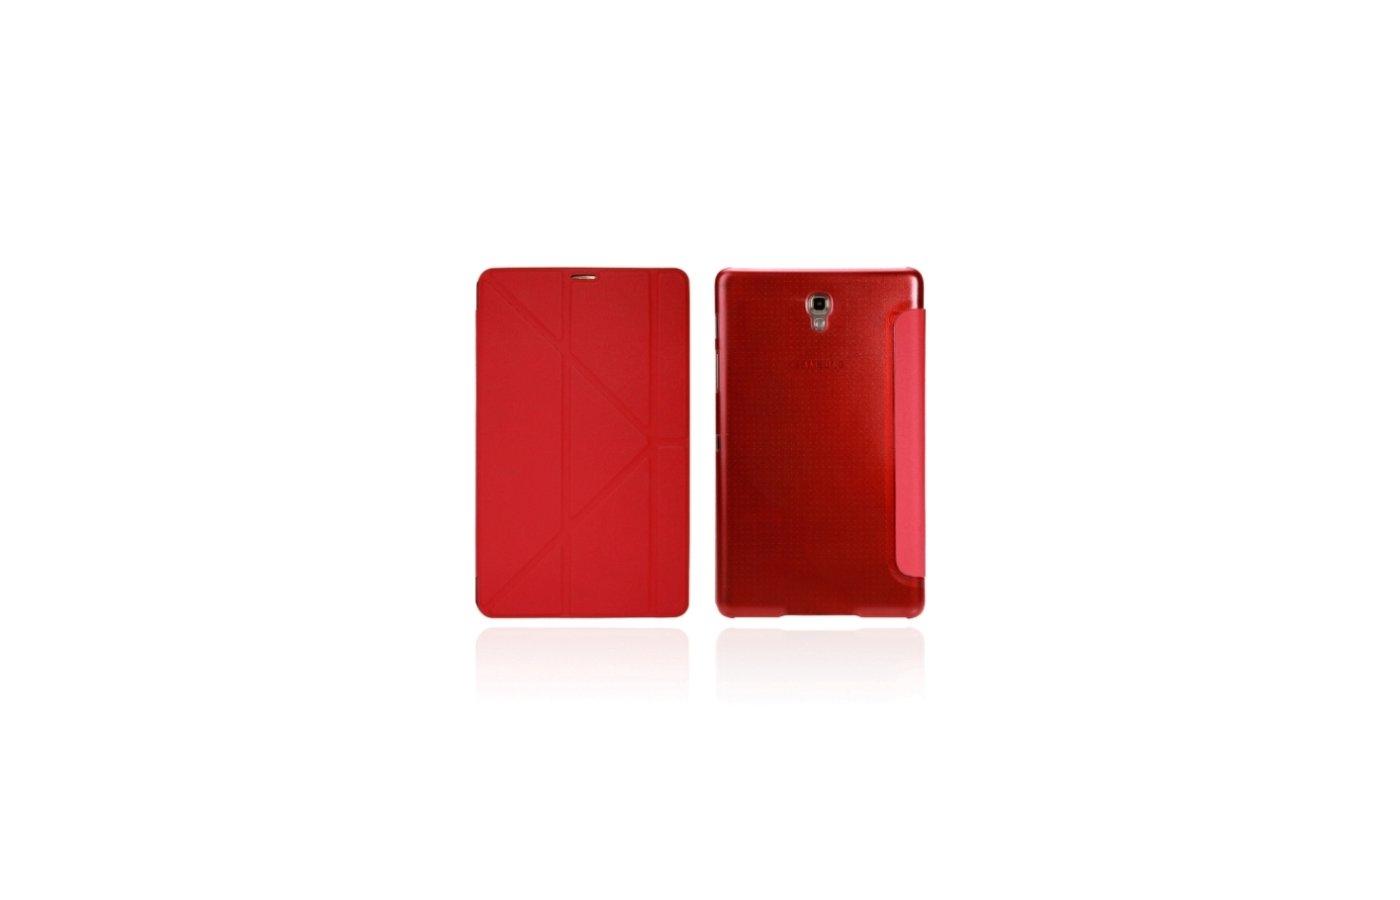 Чехол для планшетного ПК IT BAGGAGE для SAMSUNG Galaxy TabS 8.4 hard case искус. кожа красный с тонированной задней стенкой I